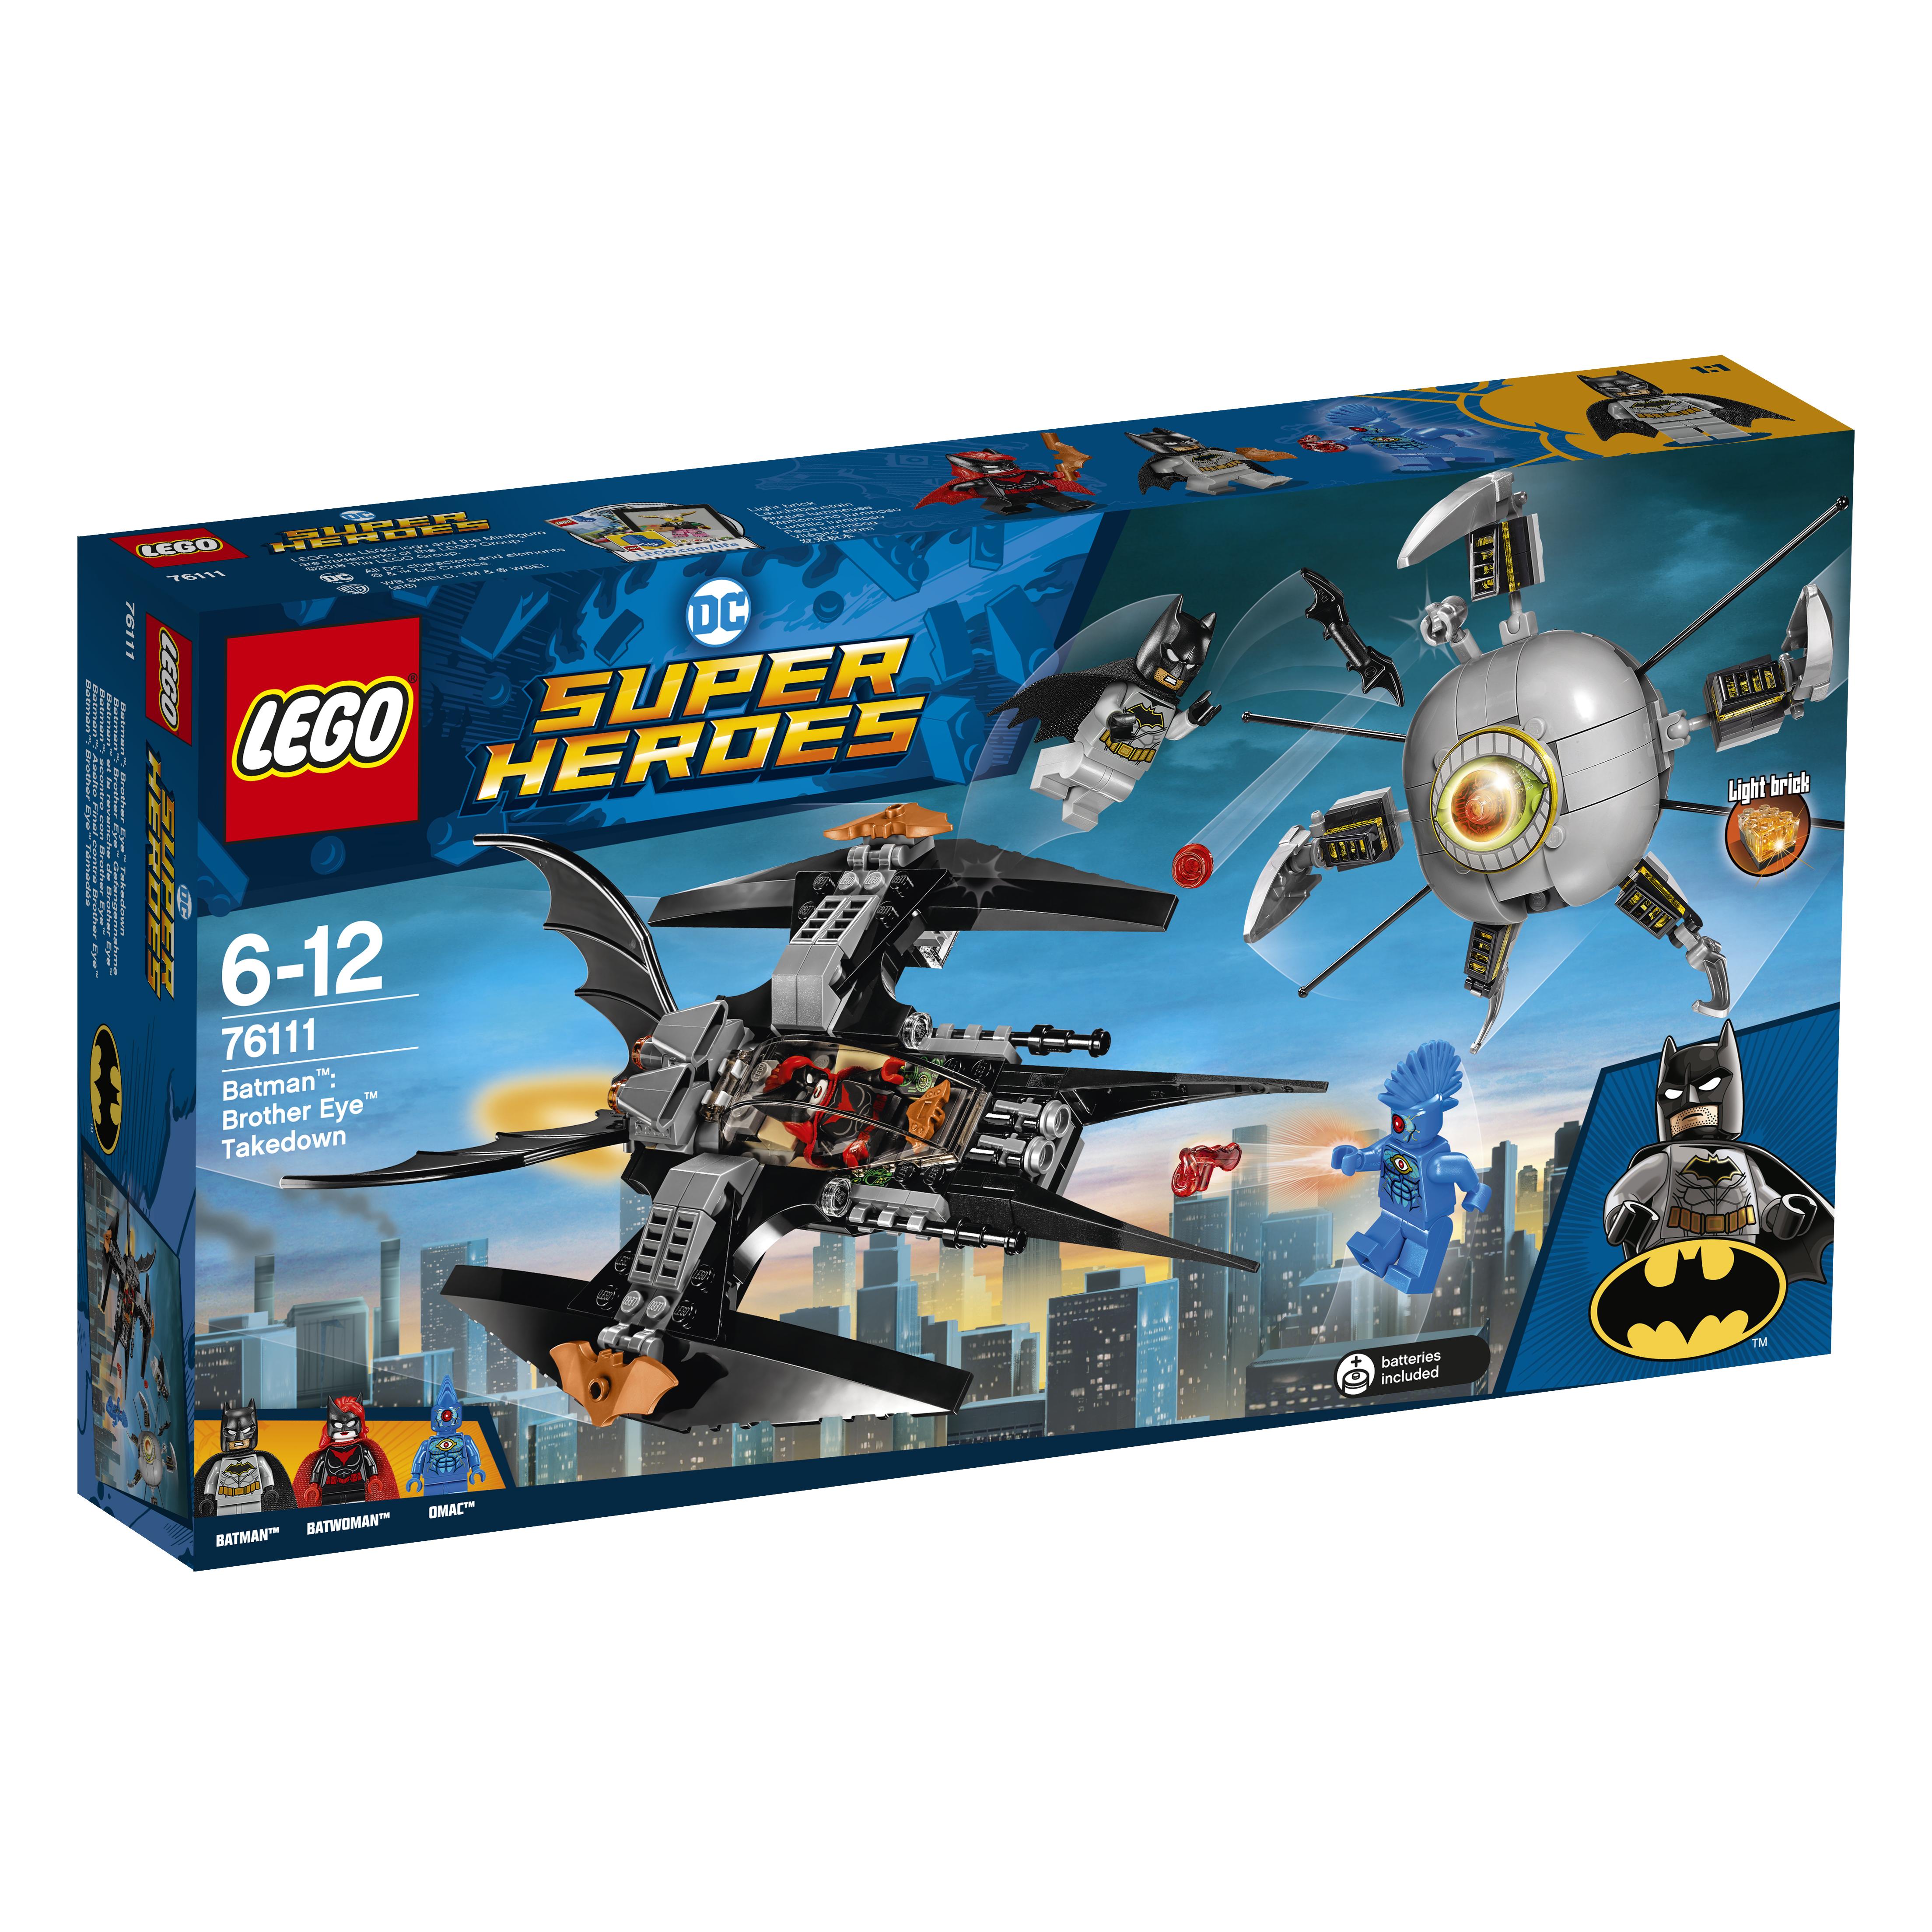 LEGO LEGO Конструктор LEGO Super Heroes 76111 Бэтмен: ликвидация Глаза брата